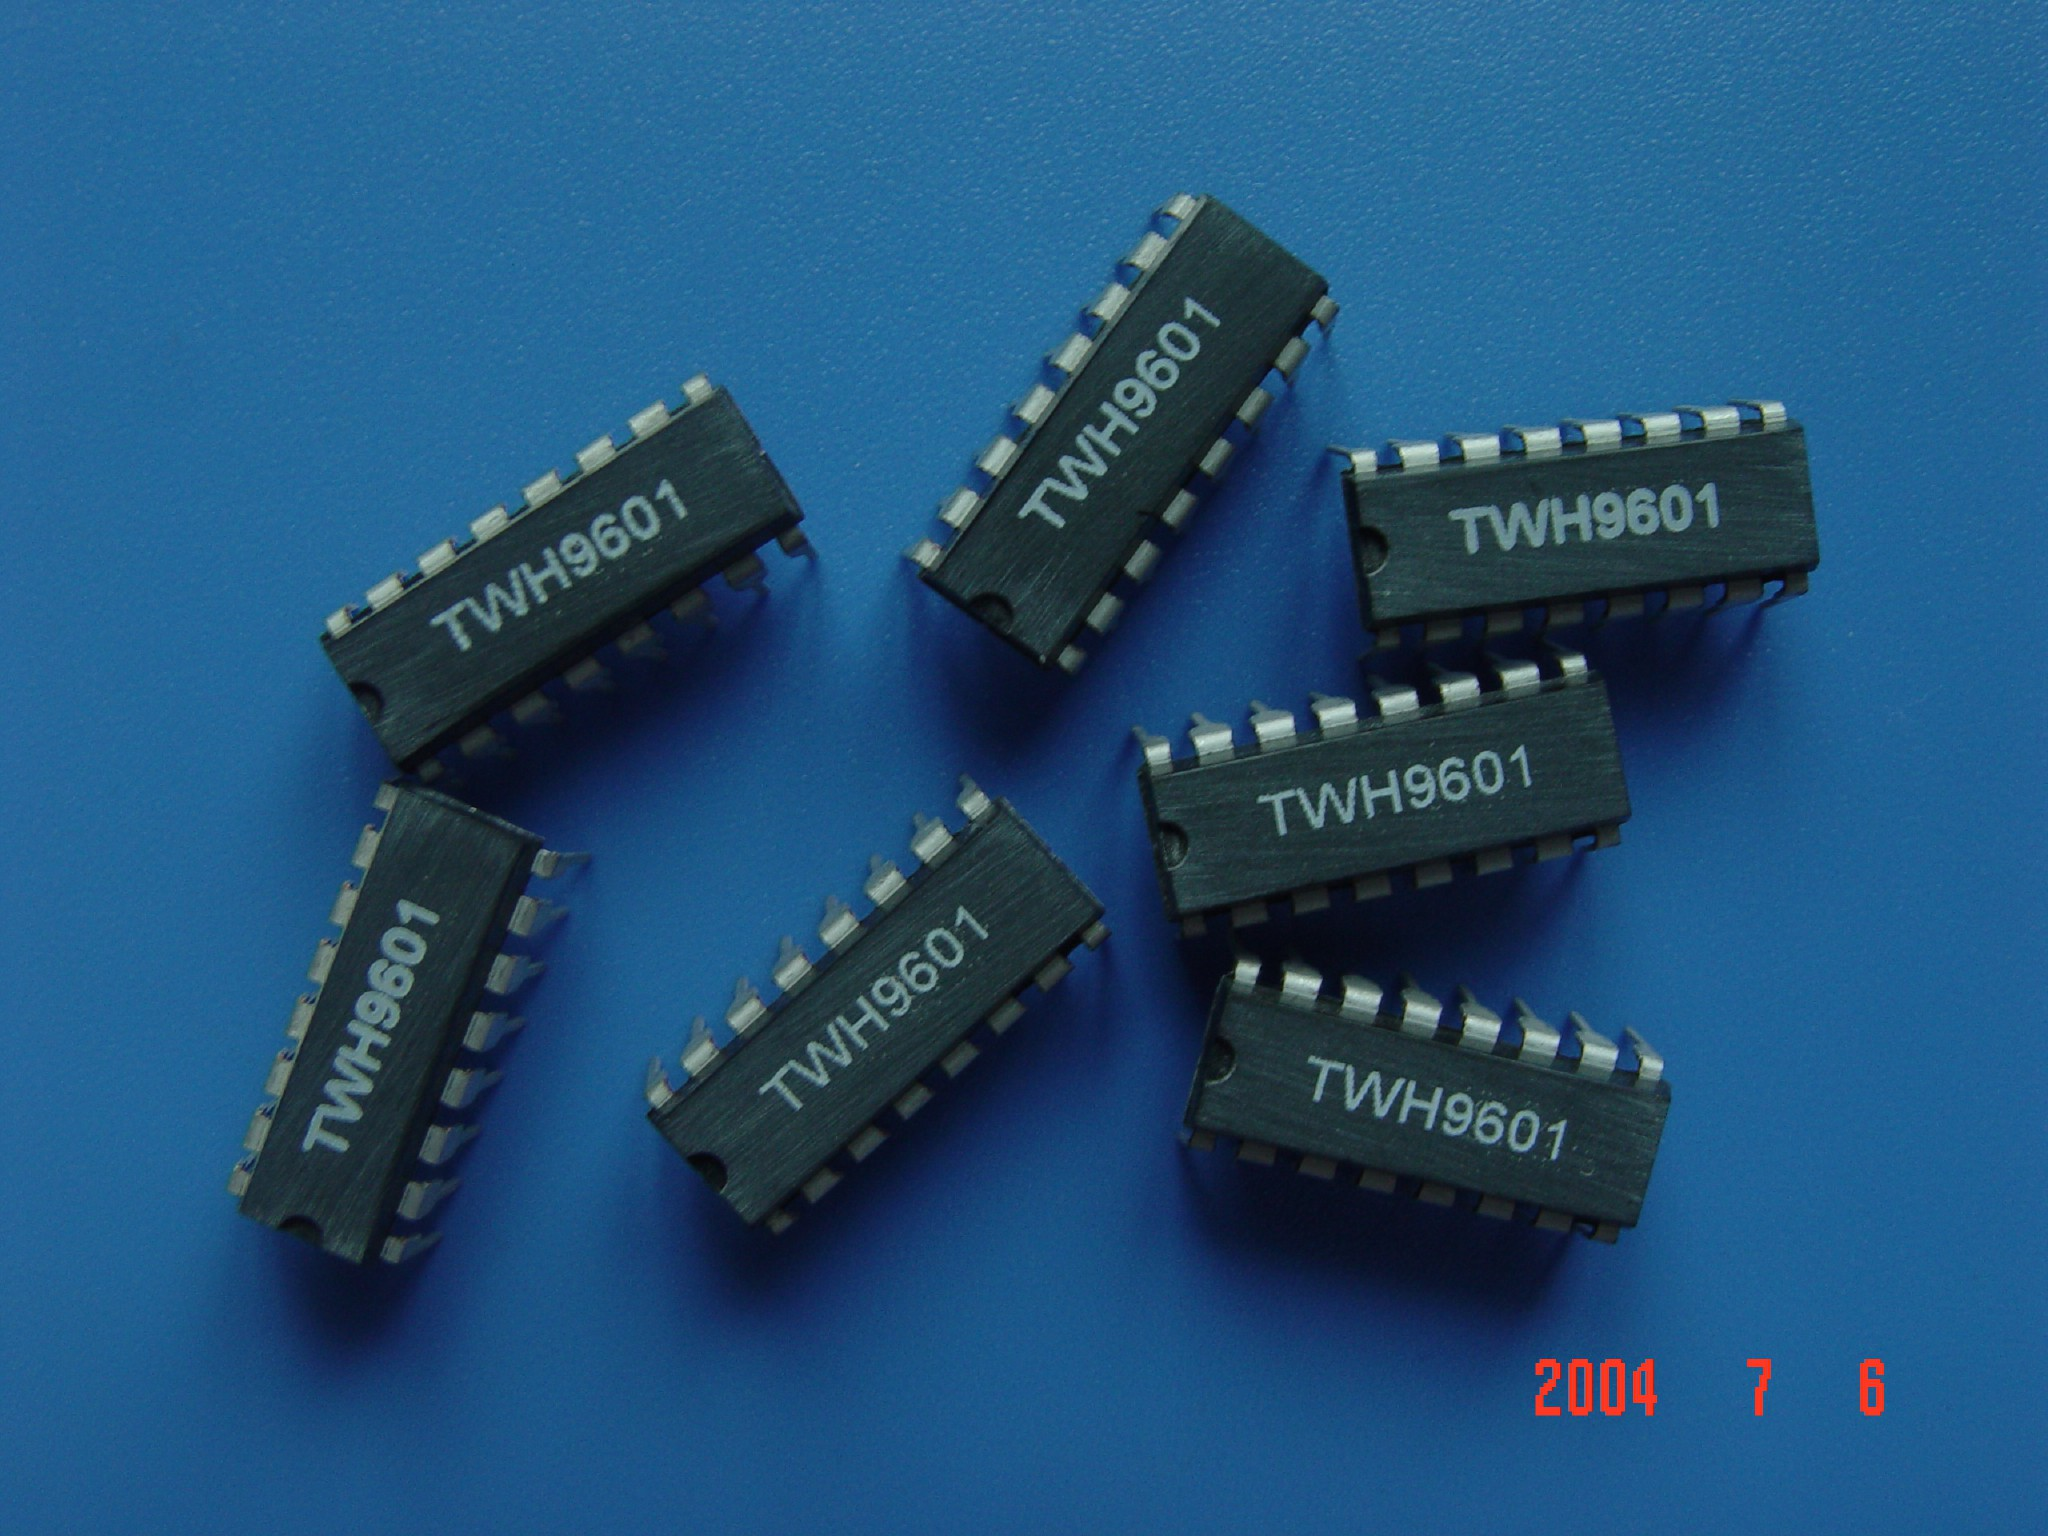 TWH9601雷达模块专用微处理集成电路,故不仅灵敏度高,探测范围宽,而且工作稳定可靠,误报率极低,能在-25~+45温度范围内稳定工作,非常适宜现代中、高档防盗报警系统或自动门系统作人体移动探测传感头使用。具体可做雷达探测模块TWH9251,